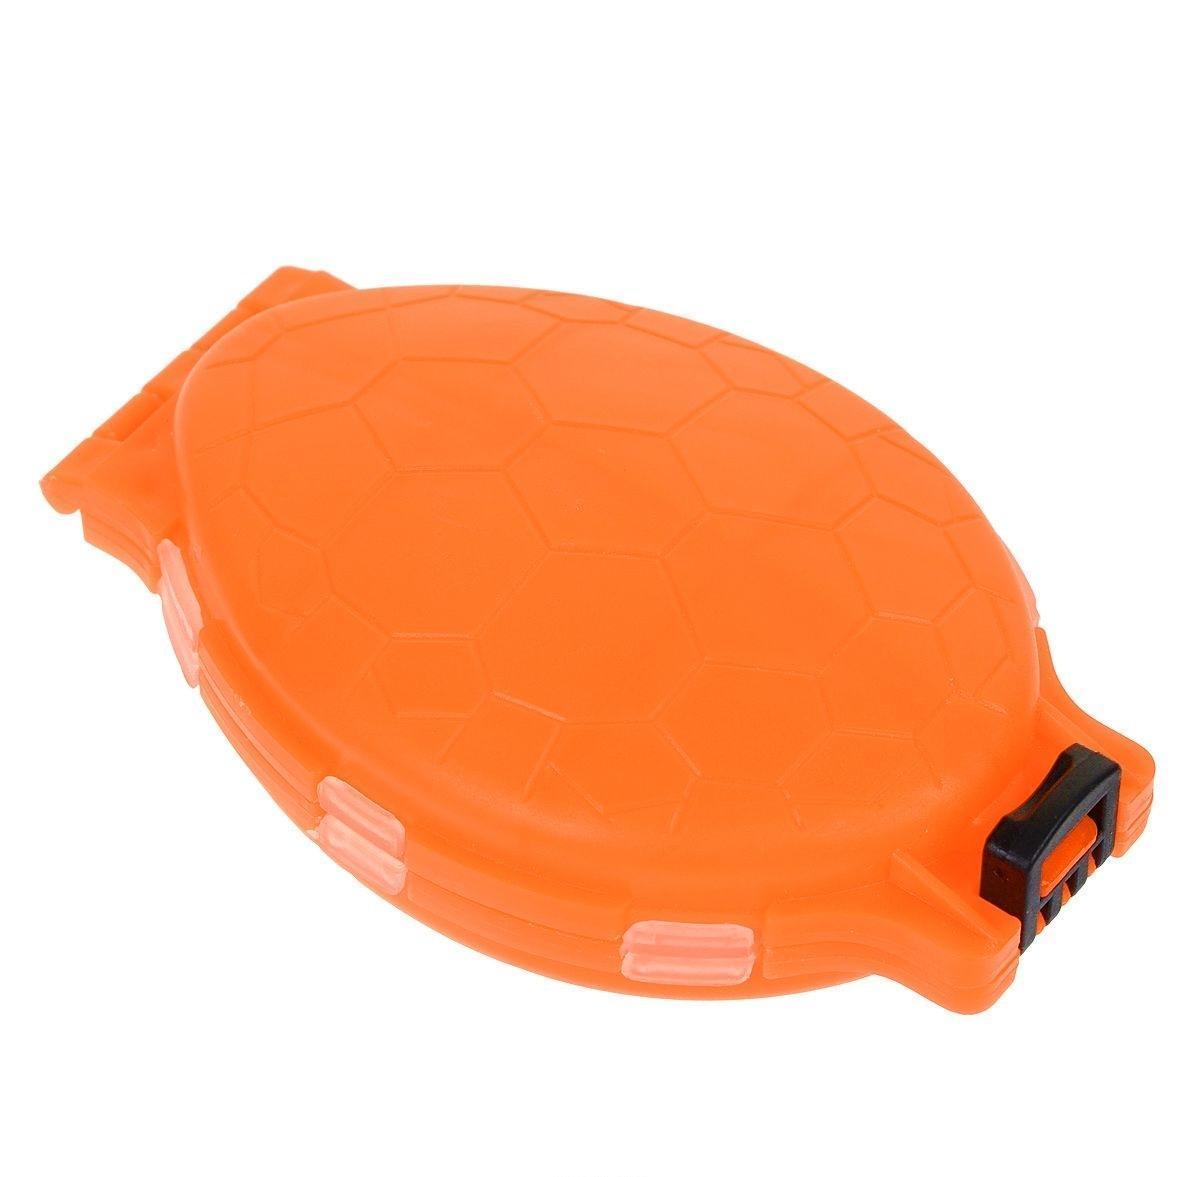 Органайзер для мелочей, двухсторонний, цвет: оранжевый, 11 см х 7,5 см х 2,5 см679530/8952430Удобная пластиковая коробка Три кита Черепашка прекрасно подойдет для хранения и транспортировки различных мелочей. Коробка имеет 12 фиксированных отделений. Удобный и надежный замок-защелка обеспечивает надежное закрывание коробки. Такая коробка поможет держать вещи в порядке.